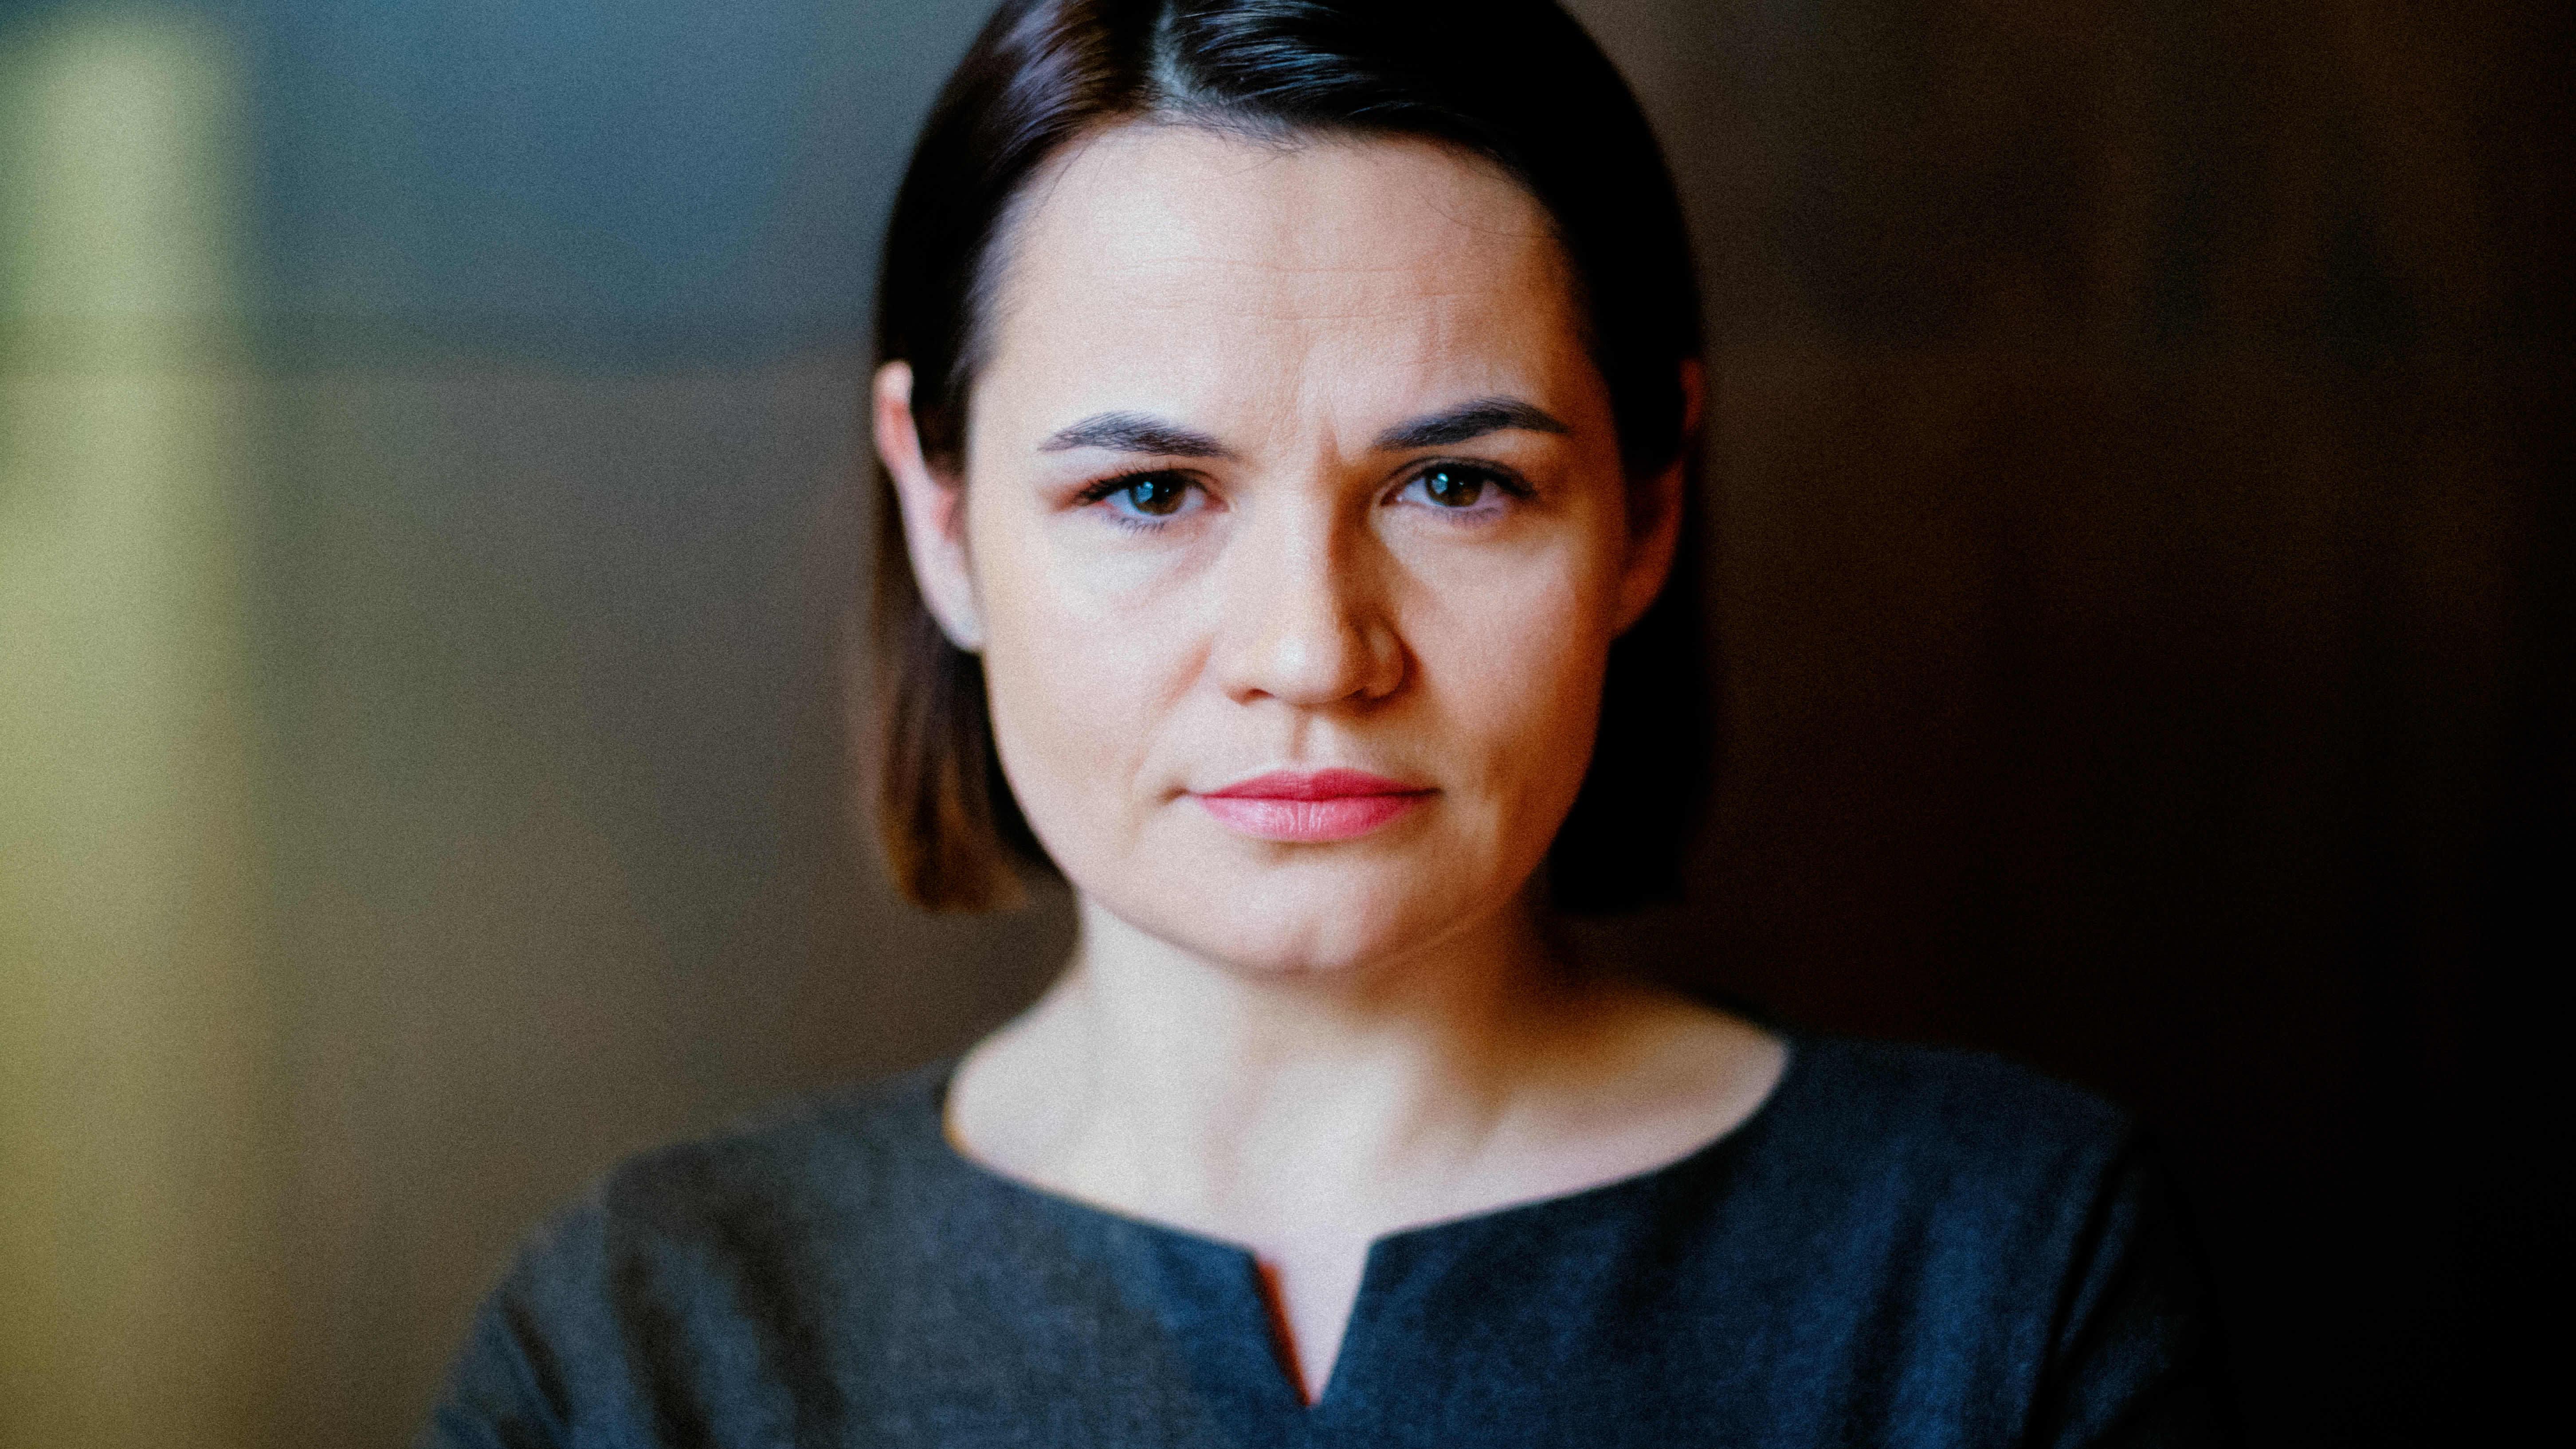 Svjatlana Tsih'anouskaja, Valko-Venäläisen opppositioliikkeen politiikko, samoi että valkovenäläiset jatkavat taistelua Aljaksandr Lukašenkaa vastaan.